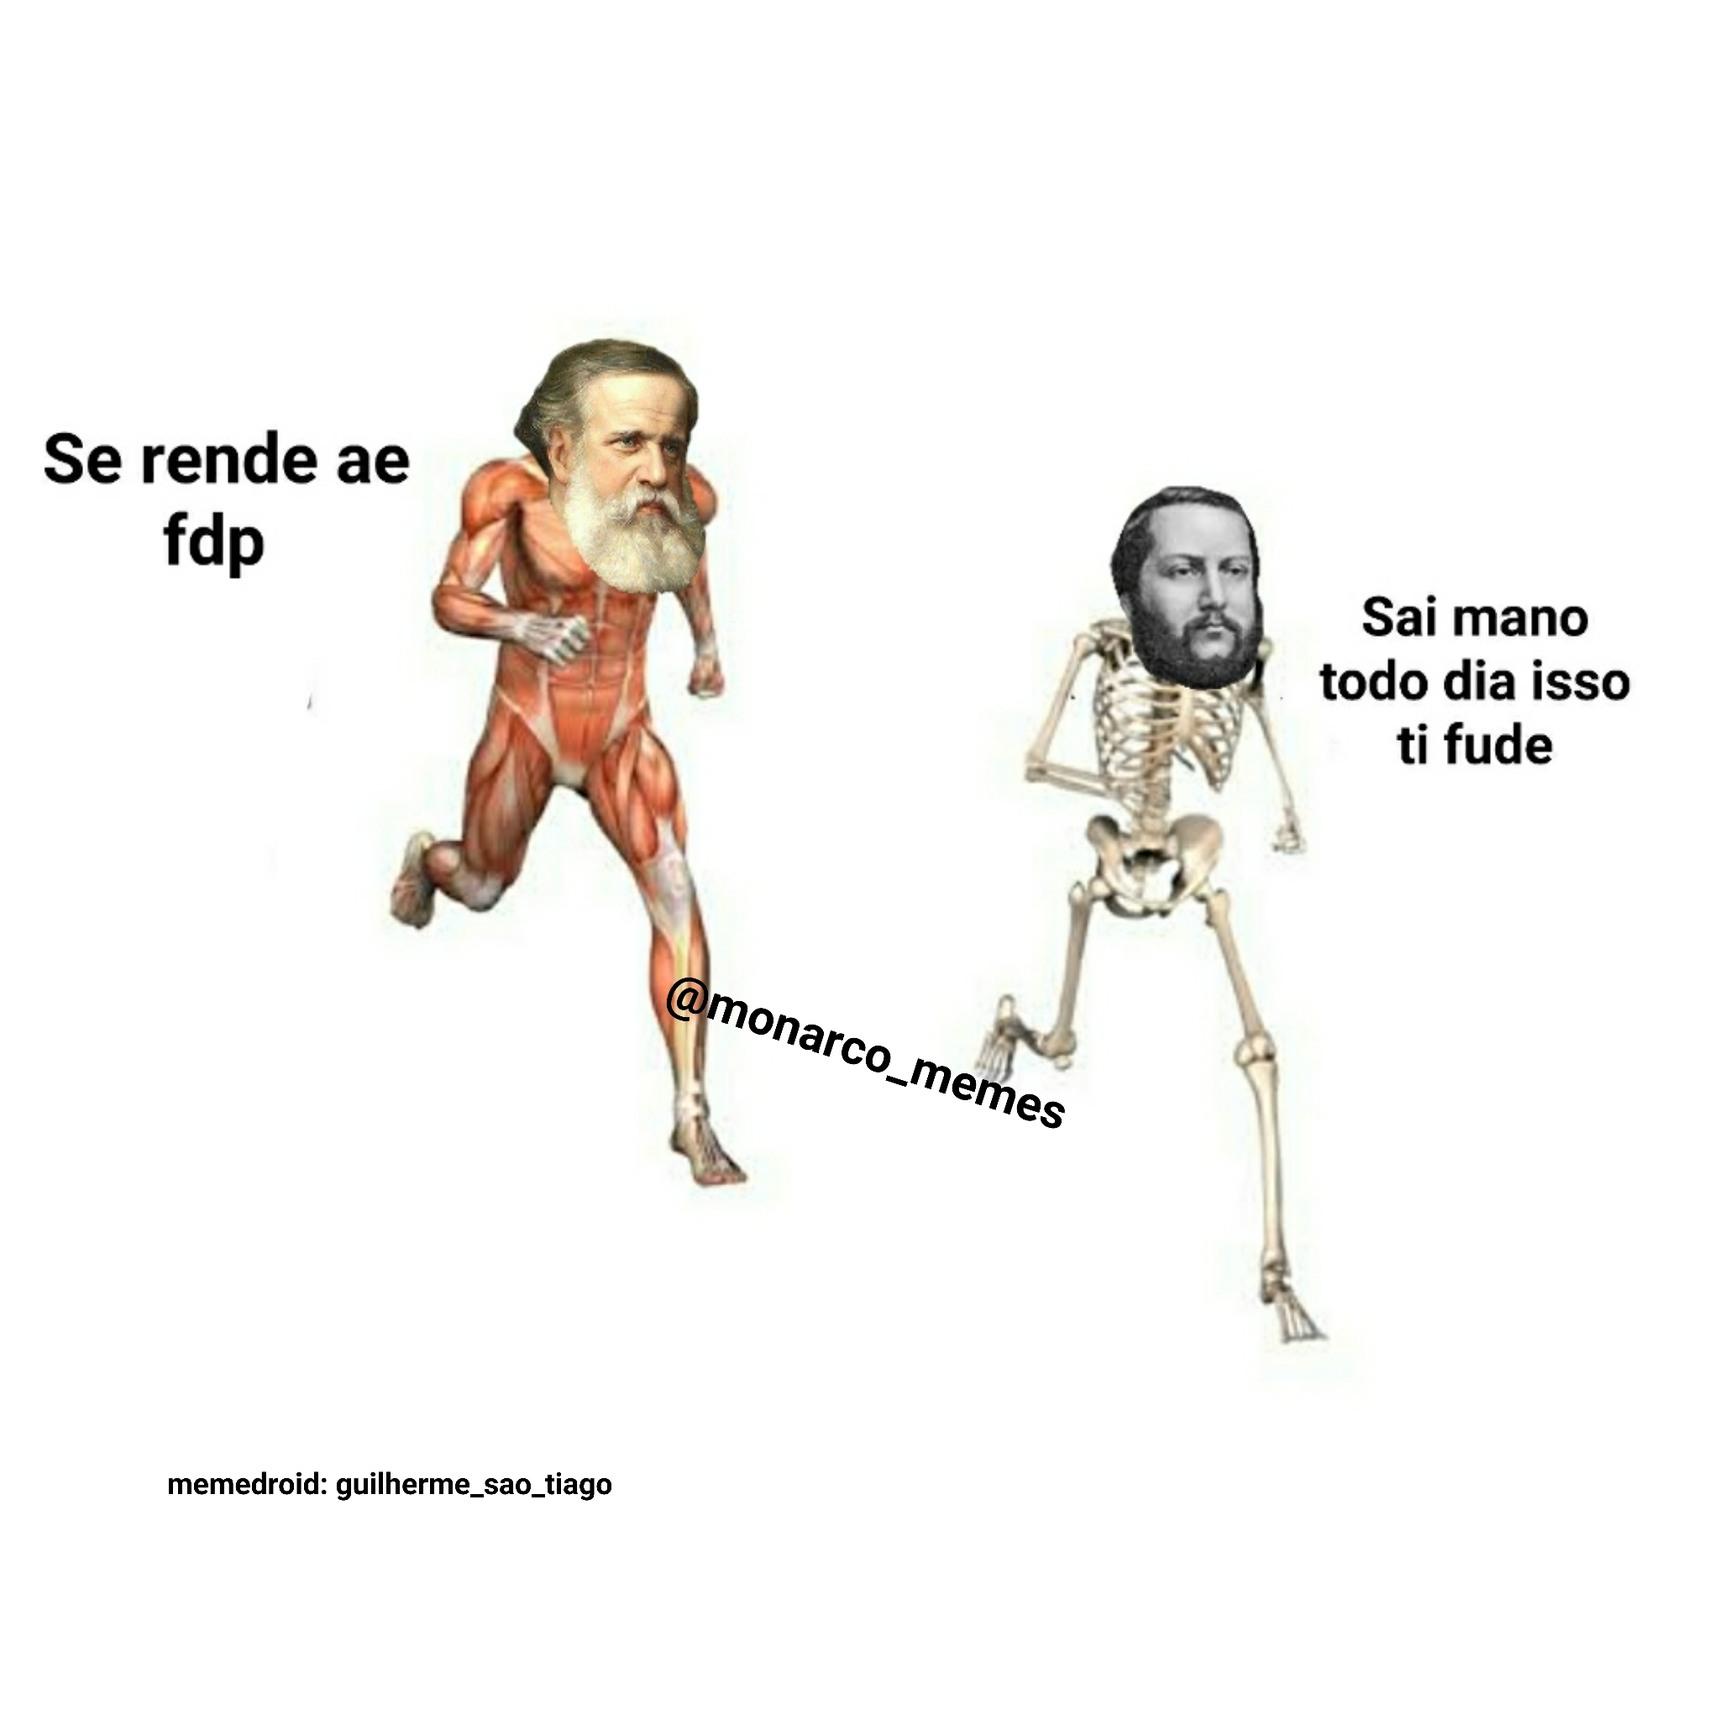 Mate um paraguaio na porrada - meme